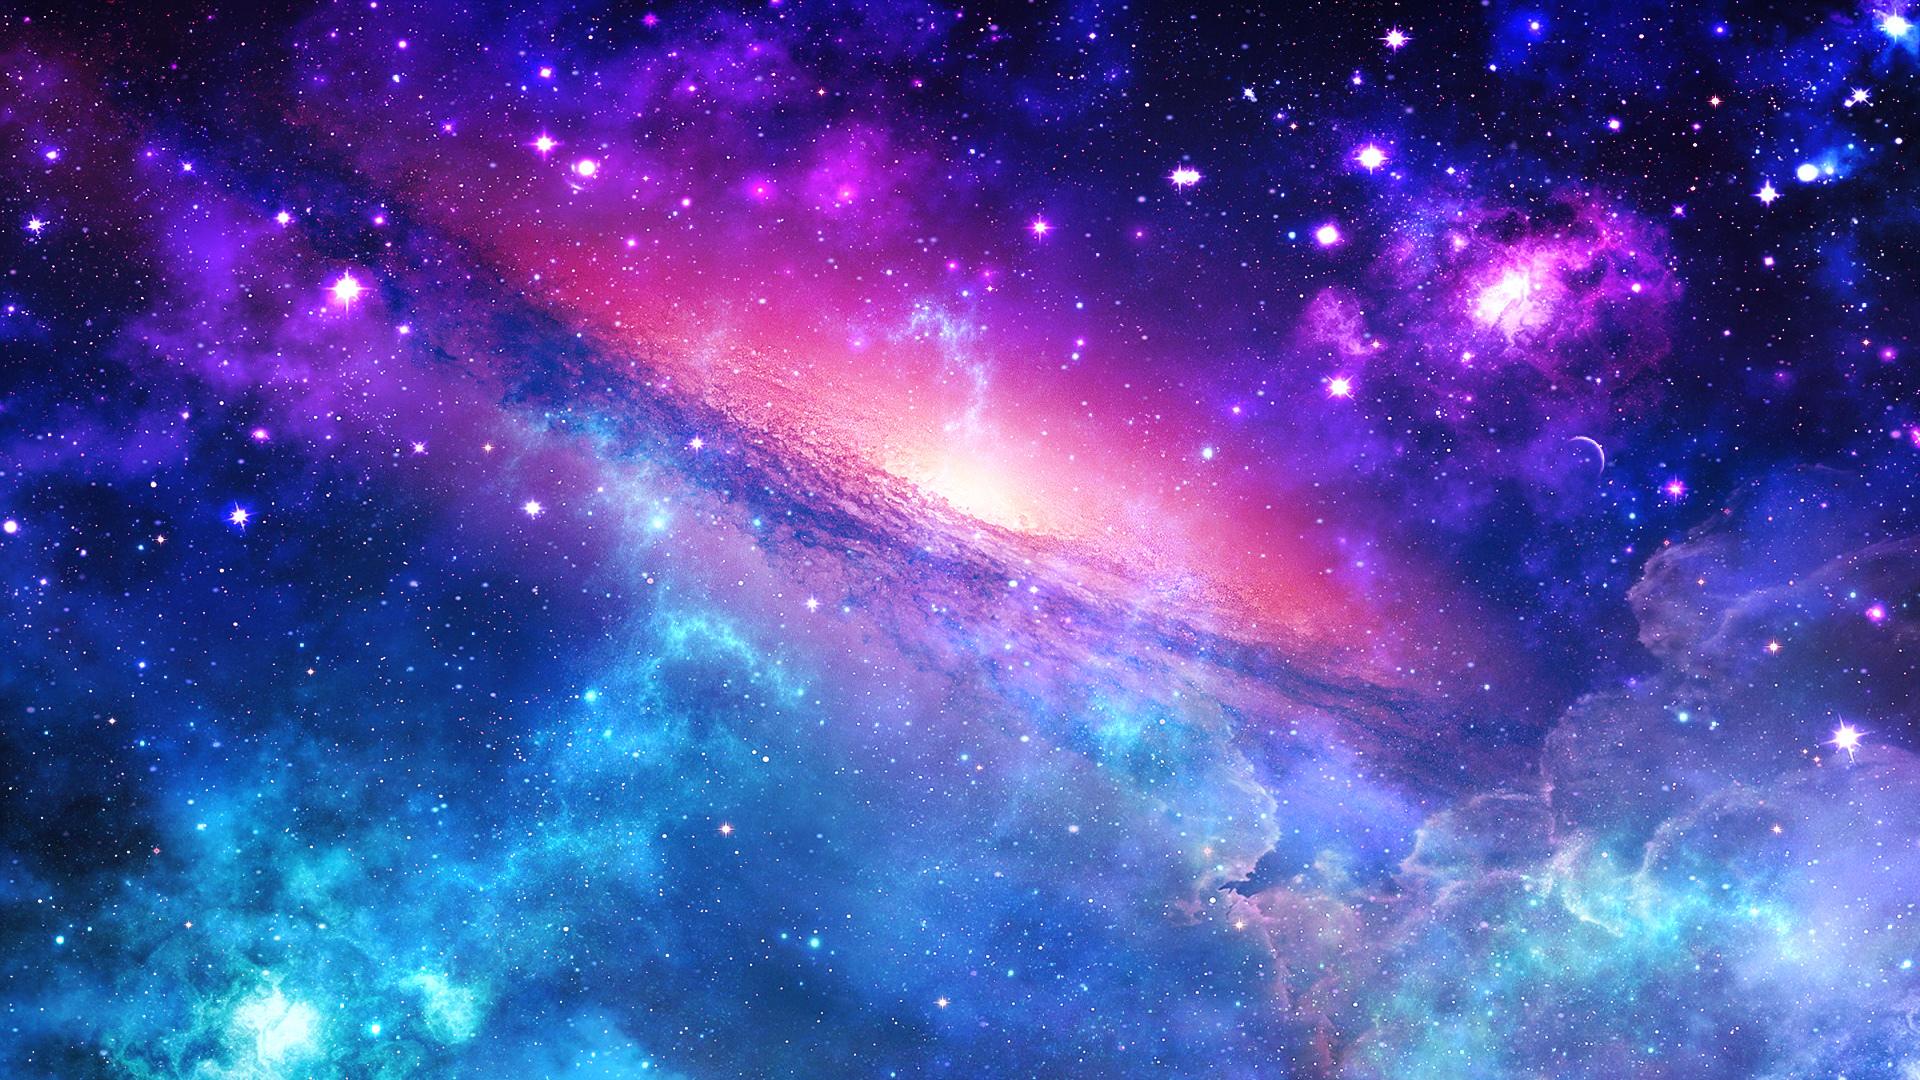 Обои космос планетыпр картинки на рабочий стол на тему Космос - скачать бесплатно